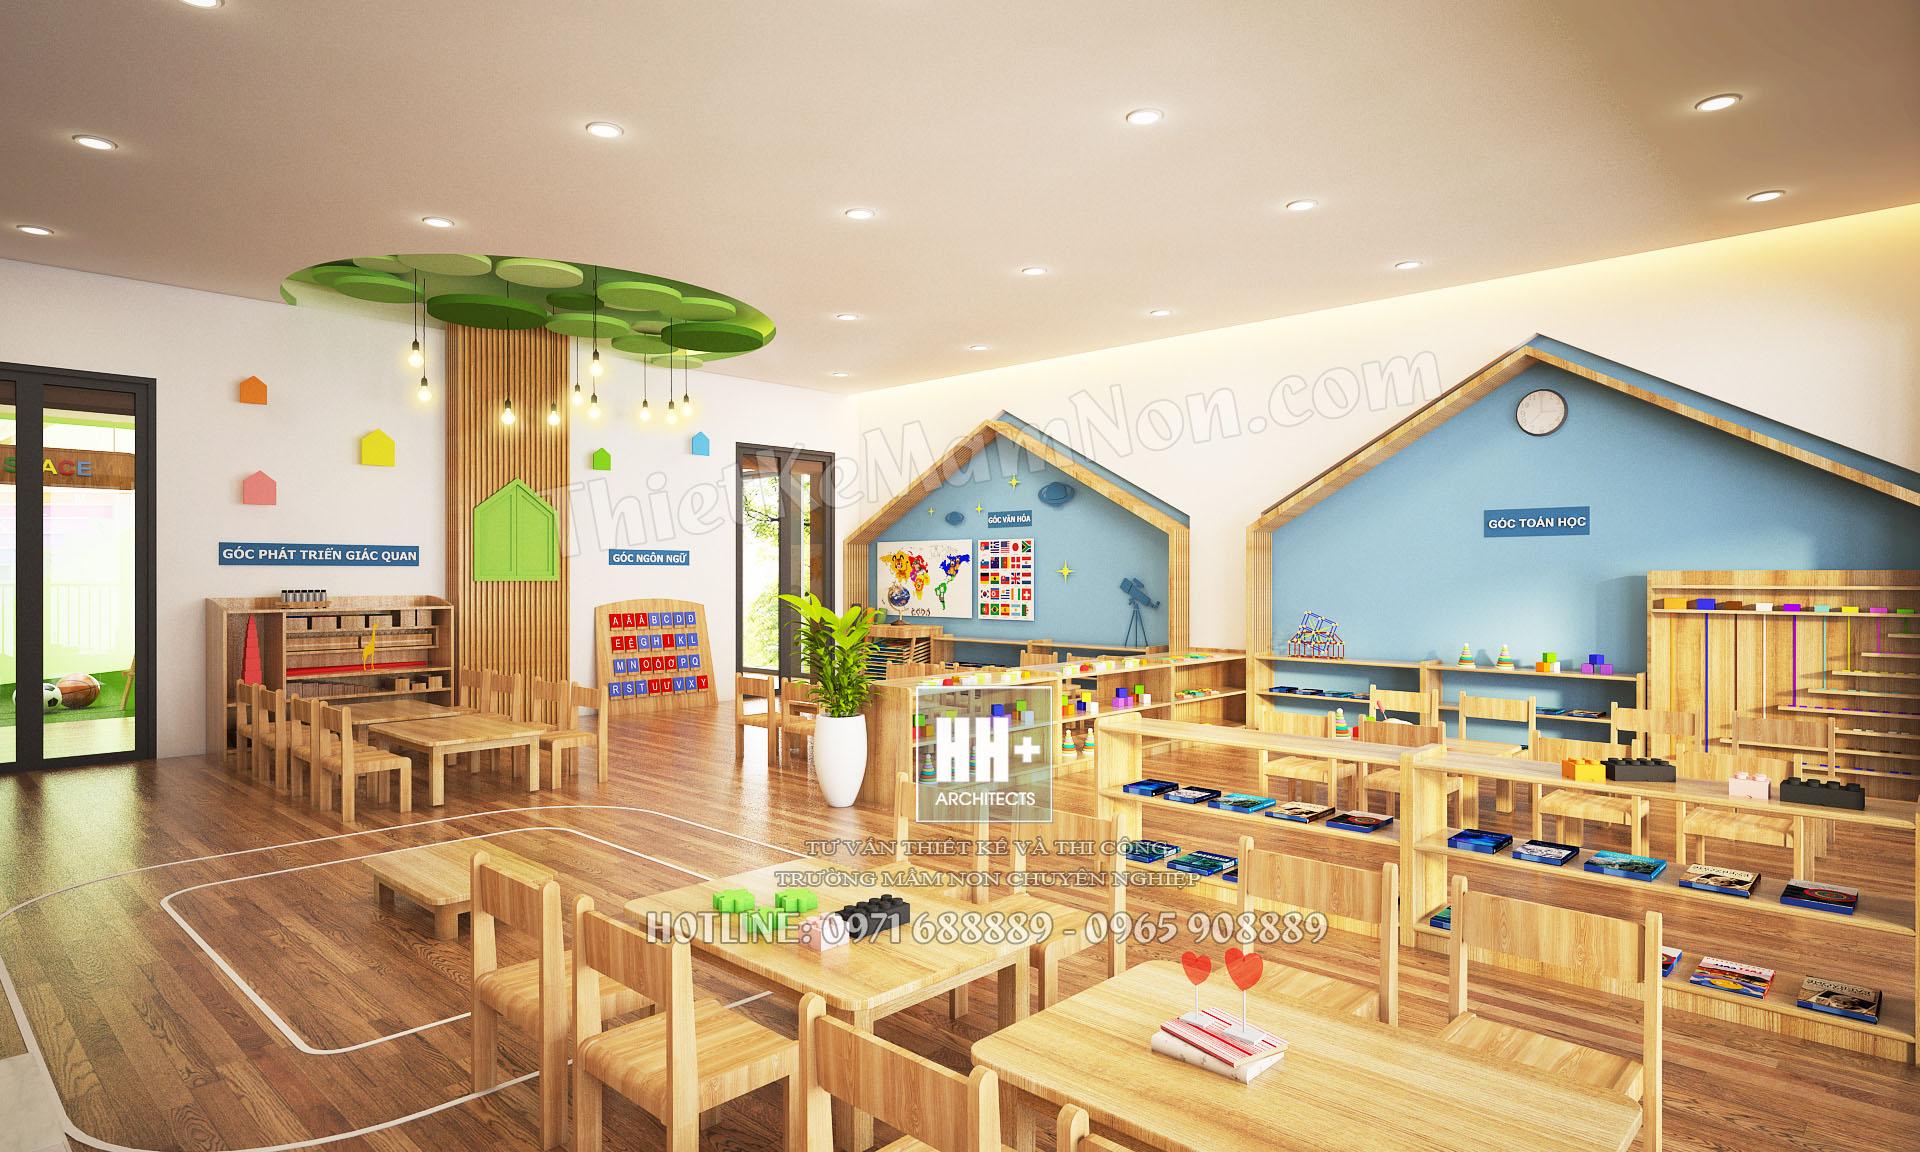 09 Tang 1-2 Thiết kế trường mầm non montessori Thiết kế trường mầm non montessori Hoa Thủy Tinh 09 Tang 1 2